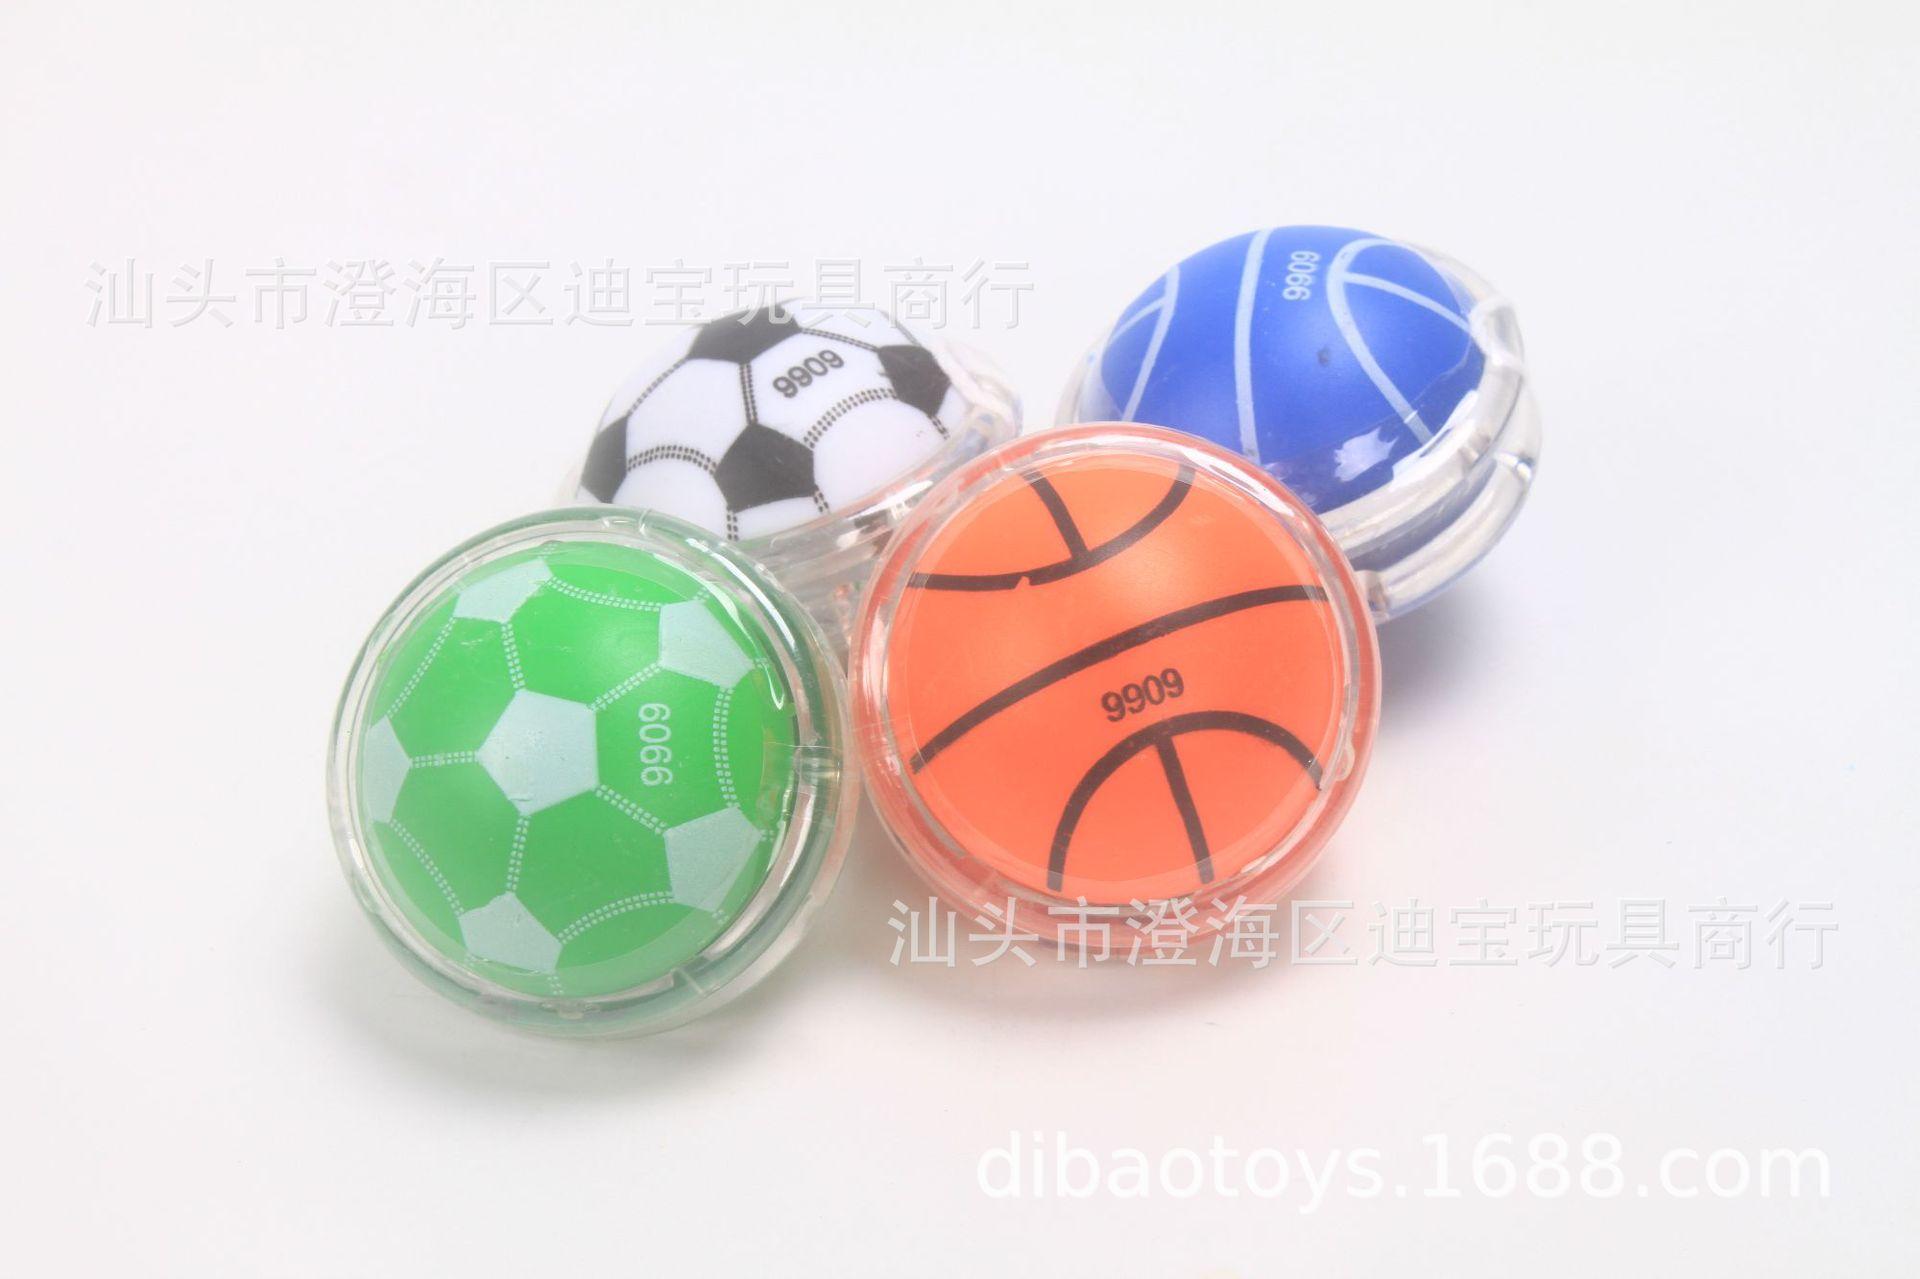 5厘米足球篮球悠悠球扭蛋玩具赠品